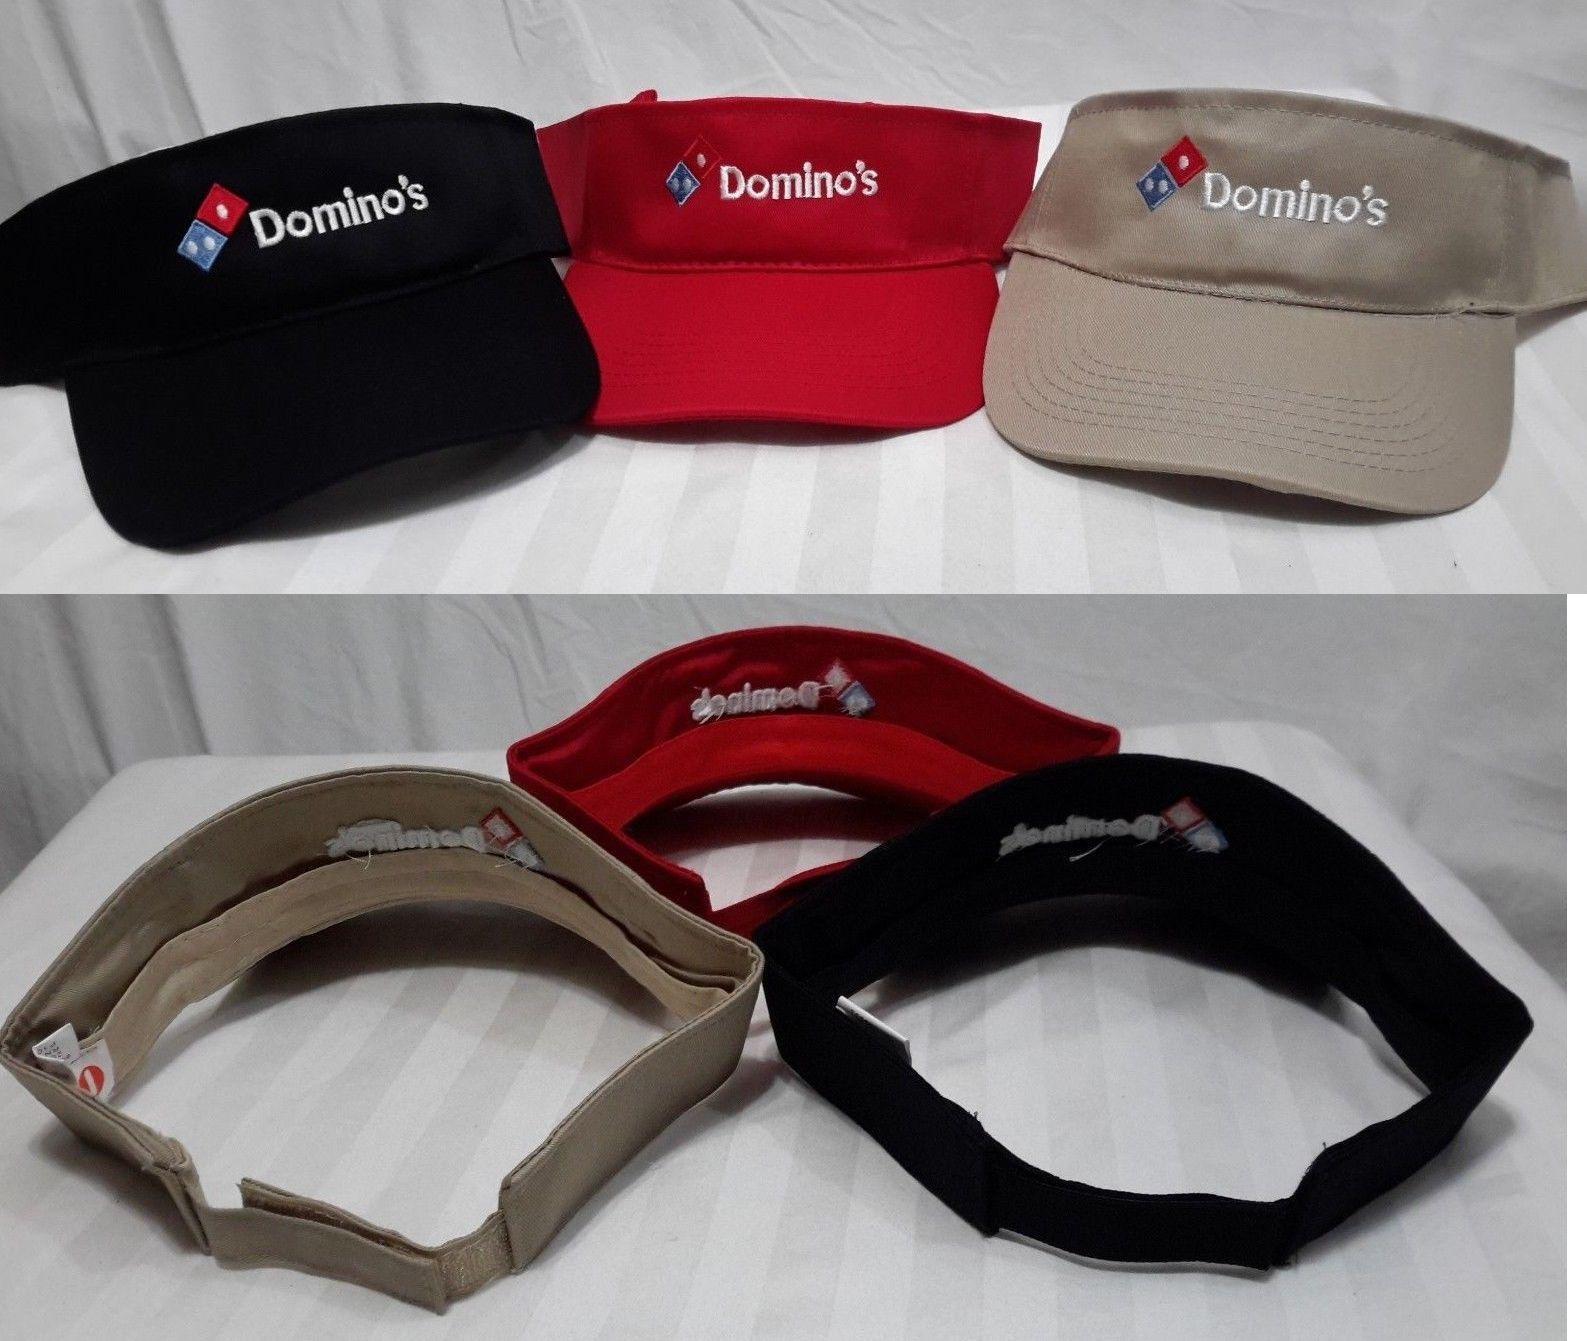 Hats 163526  New Domino S Pizza Restaurant Employee Uniform Sun Visor Cap  Hat Adjustable -  BUY IT NOW ONLY   14.97 on  eBay  domino  pizza   restaurant ... 89e0c7ffeae